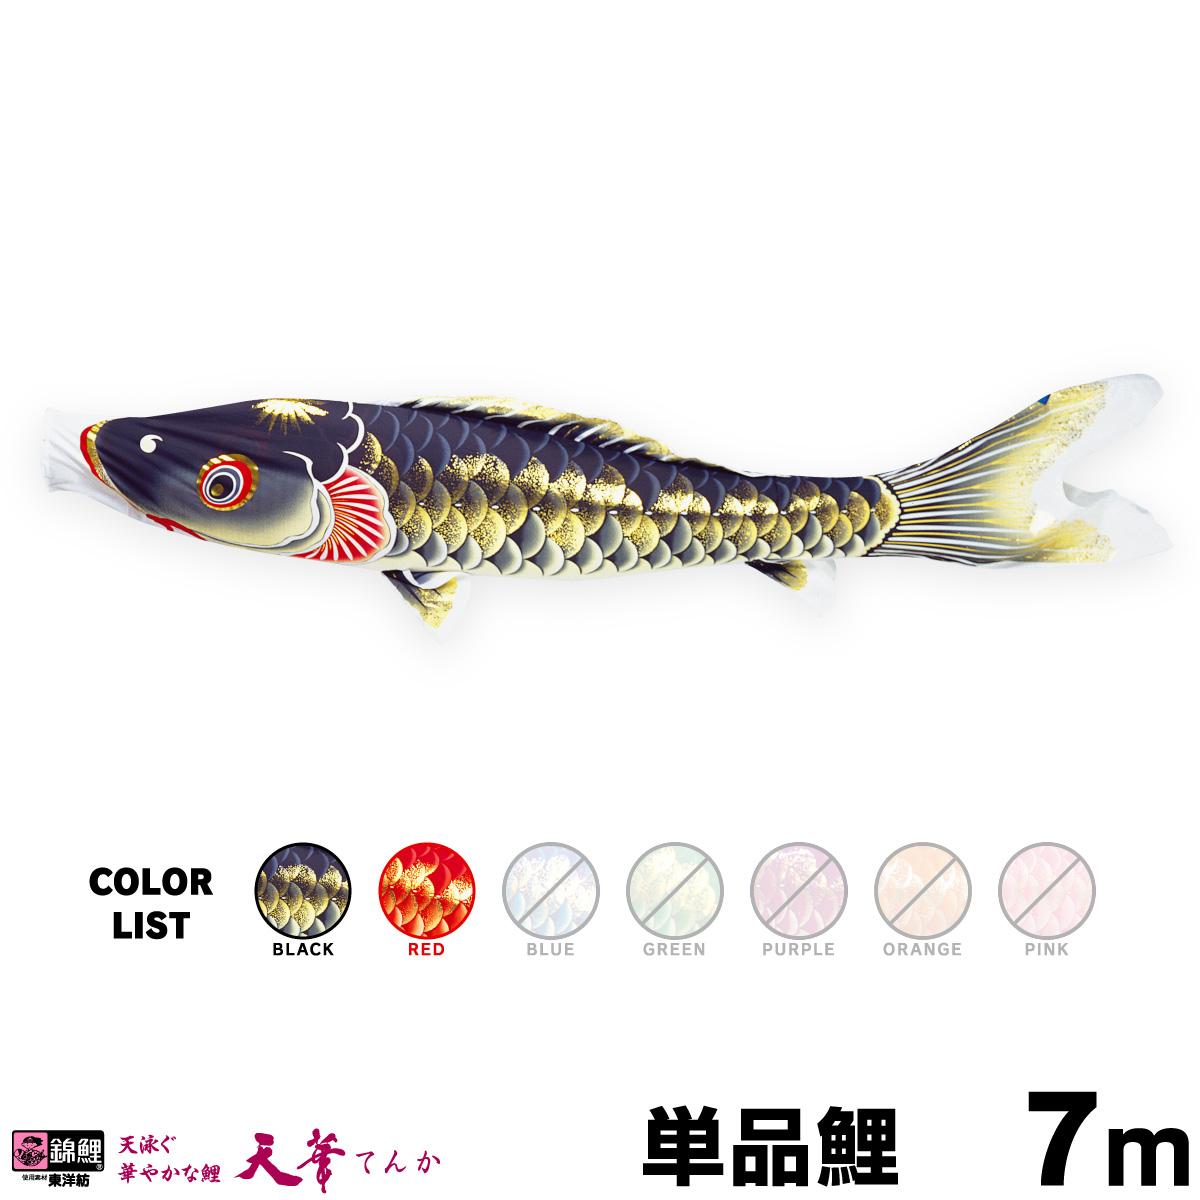 【こいのぼり 単品】 天華鯉 7m 単品鯉